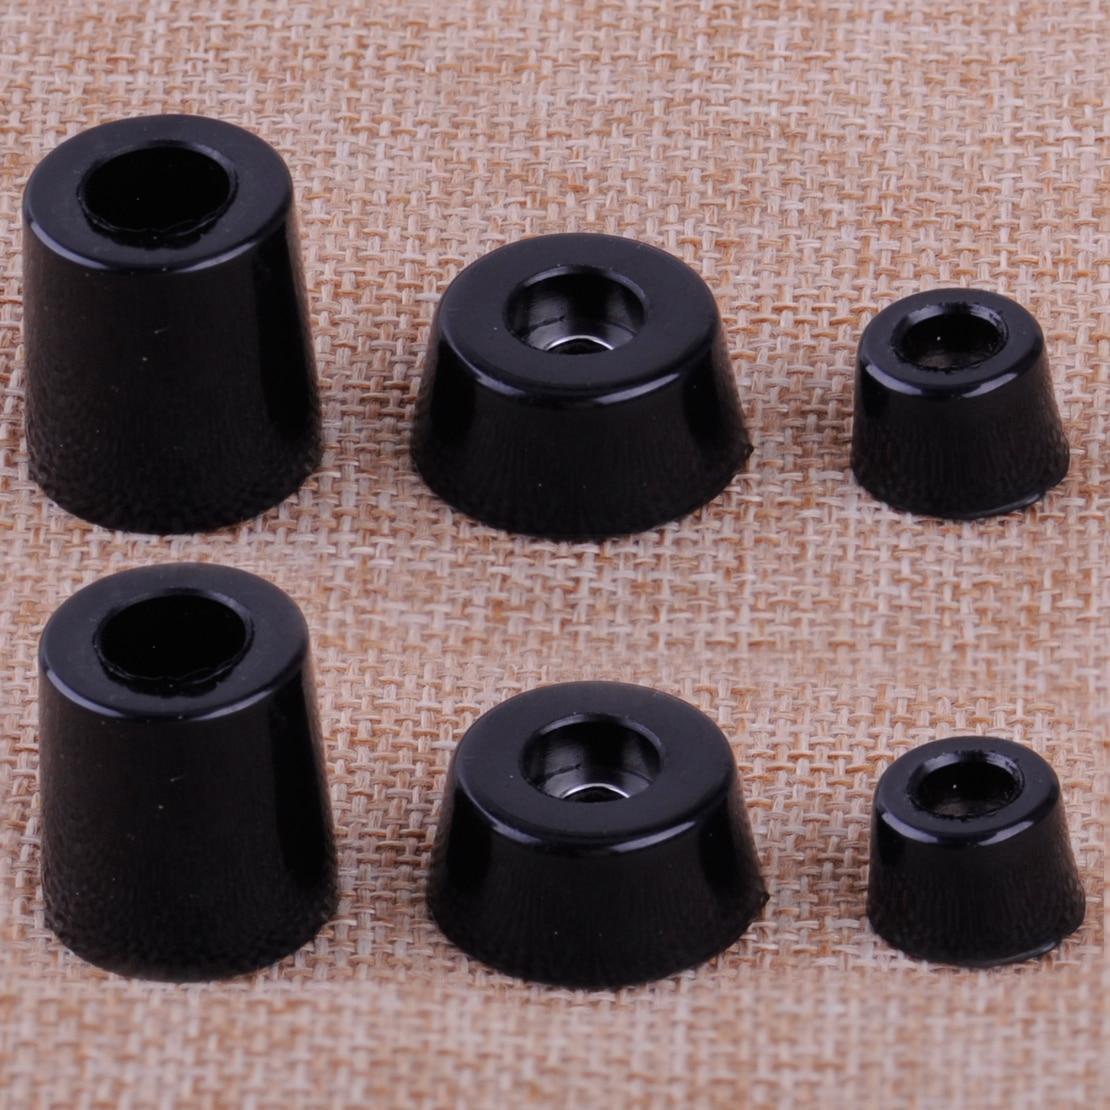 8-шт-черный-динамик-шкаф-мебель-стул-стол-коробка-коническая-резиновая-подставка-для-ног-амортизатор-s-m-l-сопротивление-скольжению